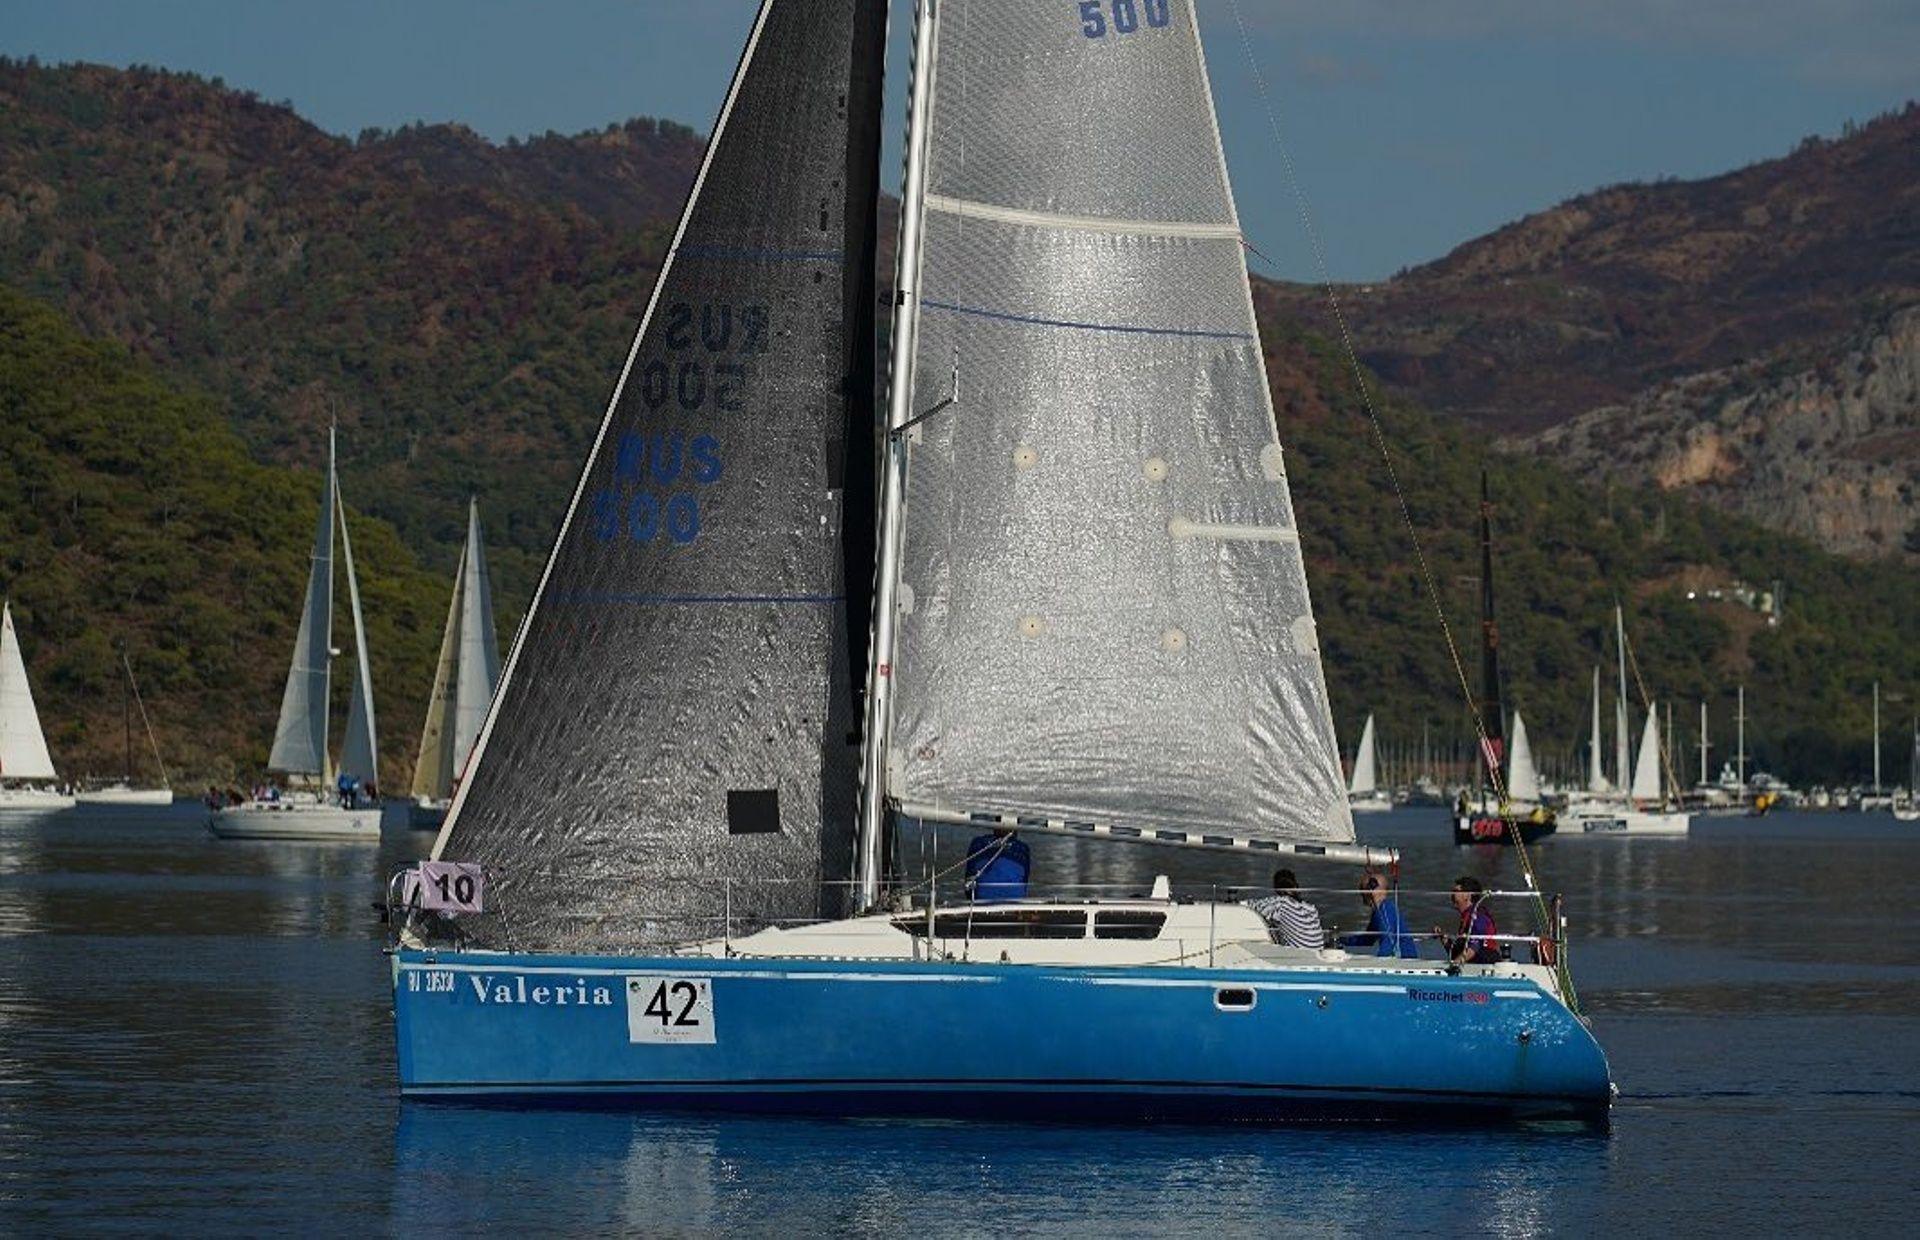 https://media.insailing.com/boat/valeria/image_1583496701401.jpg